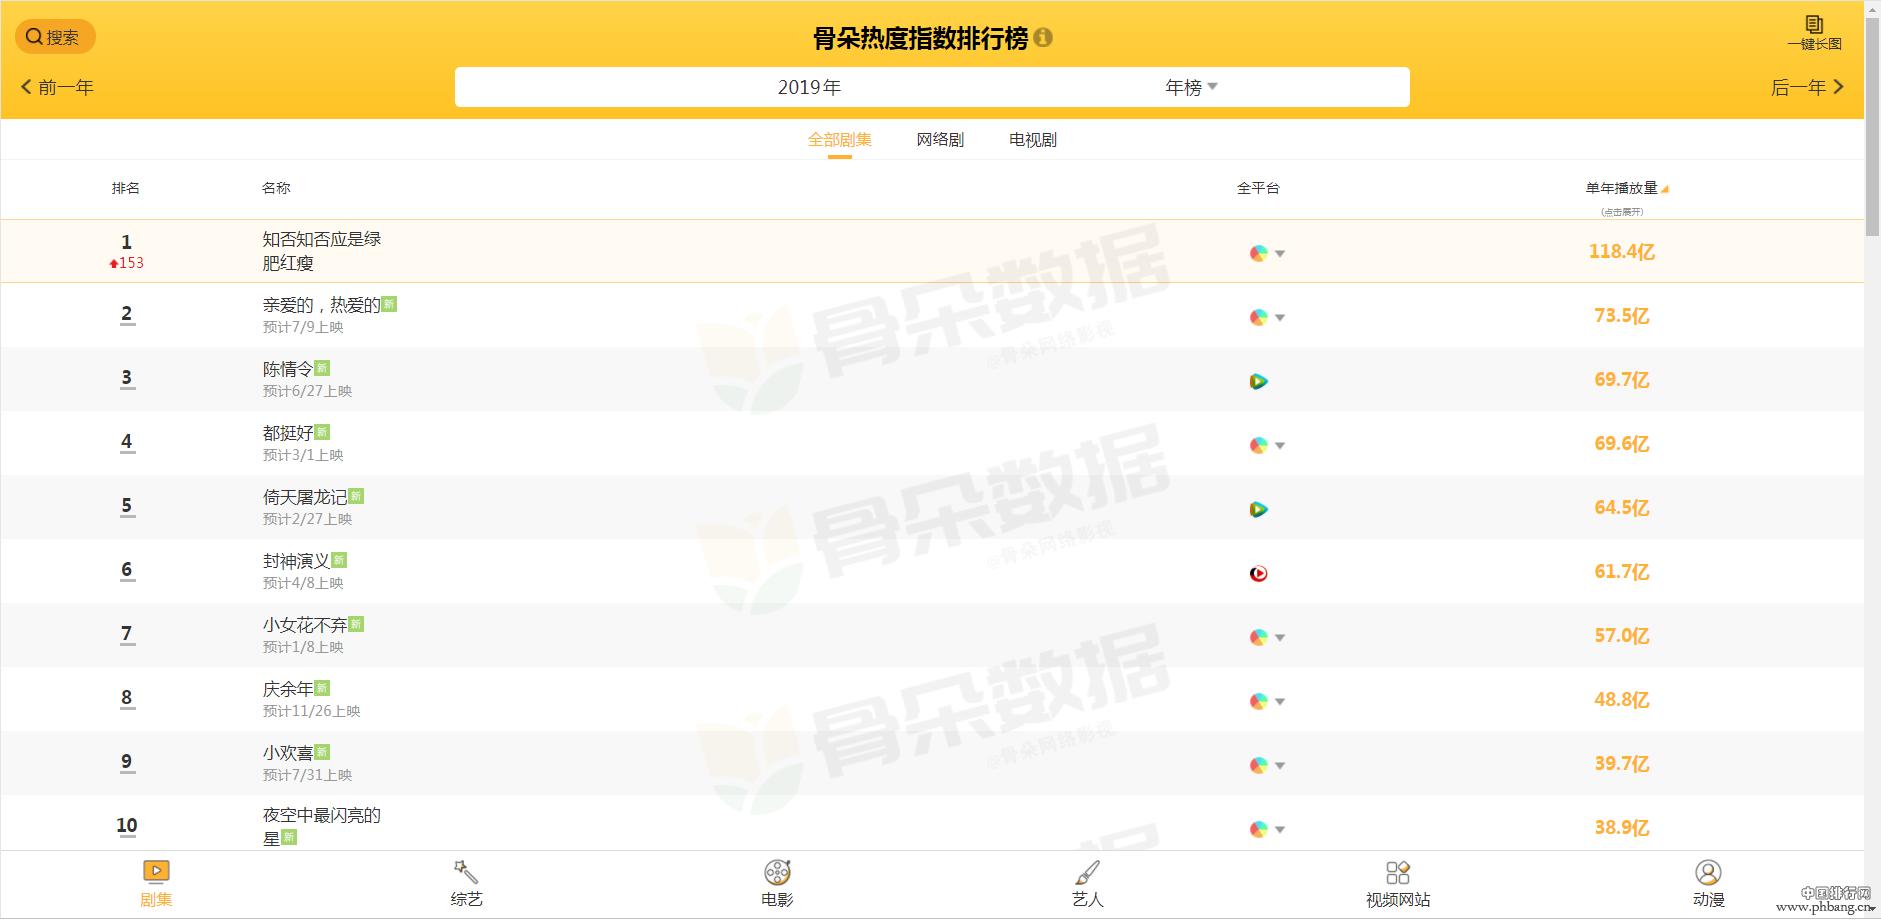 2019电视剧年播量排行榜,《庆余年》无缘前五,第一年播量破百亿